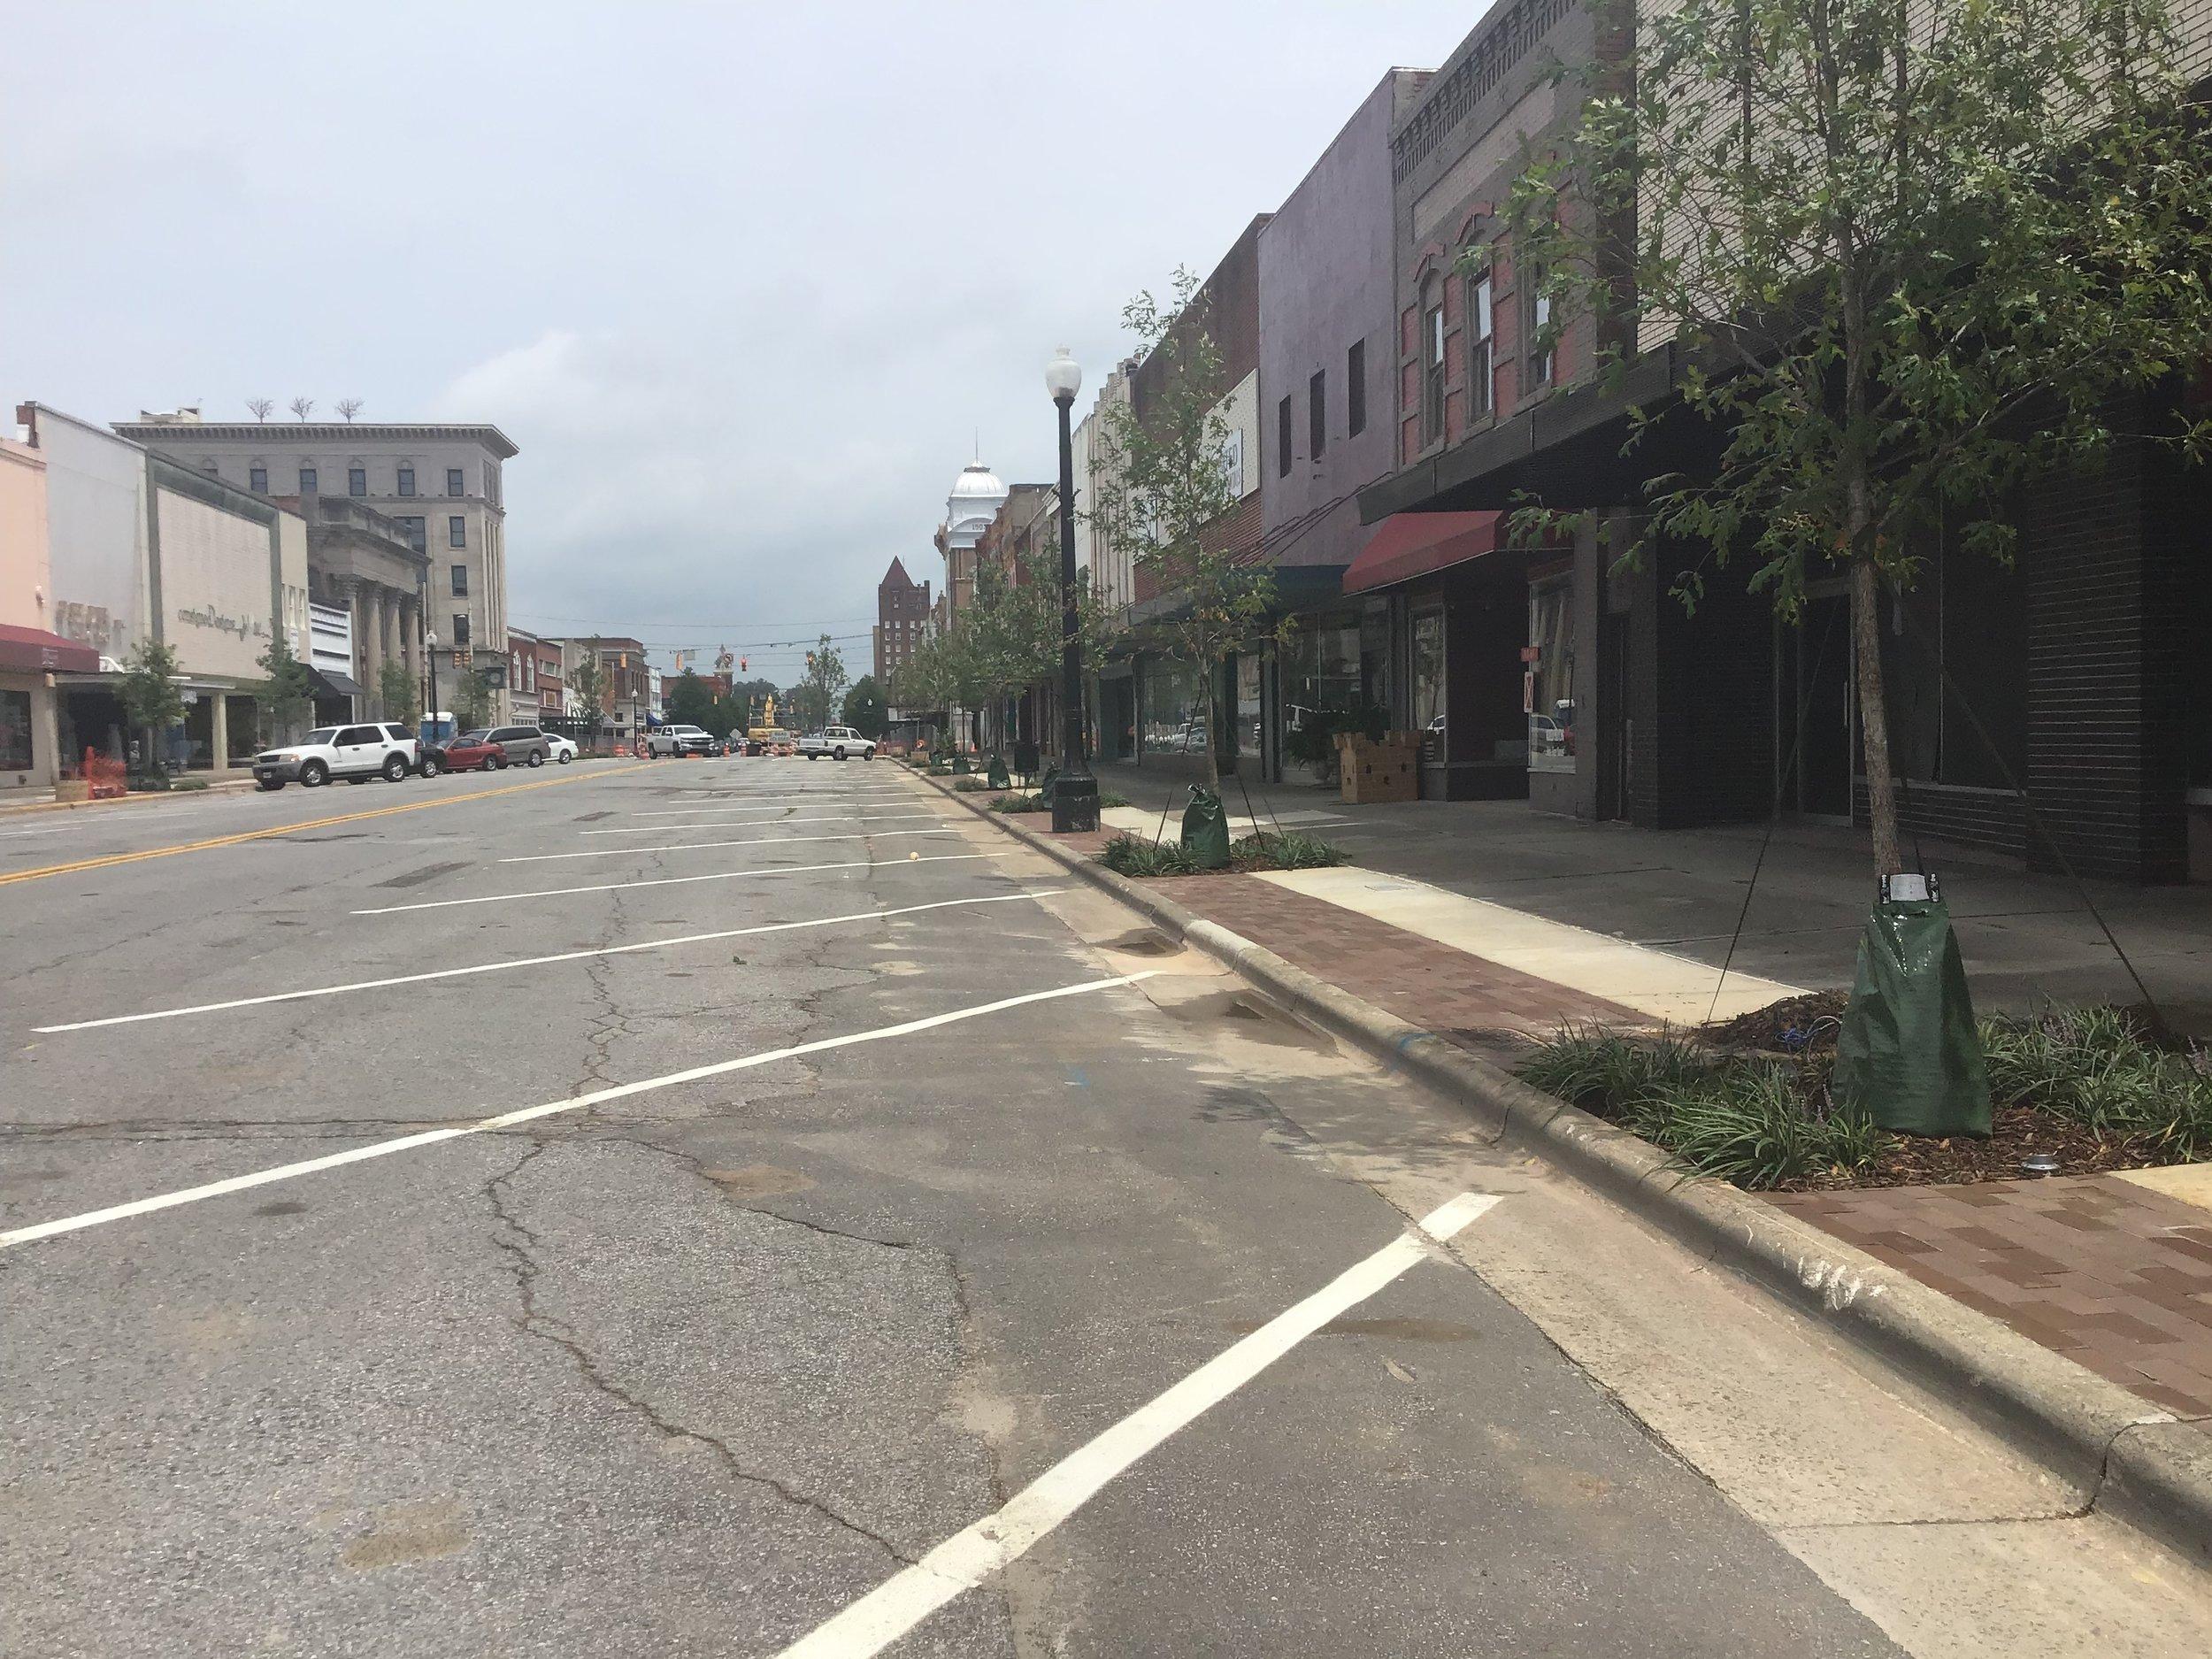 Diagonal parking on Queen Street.